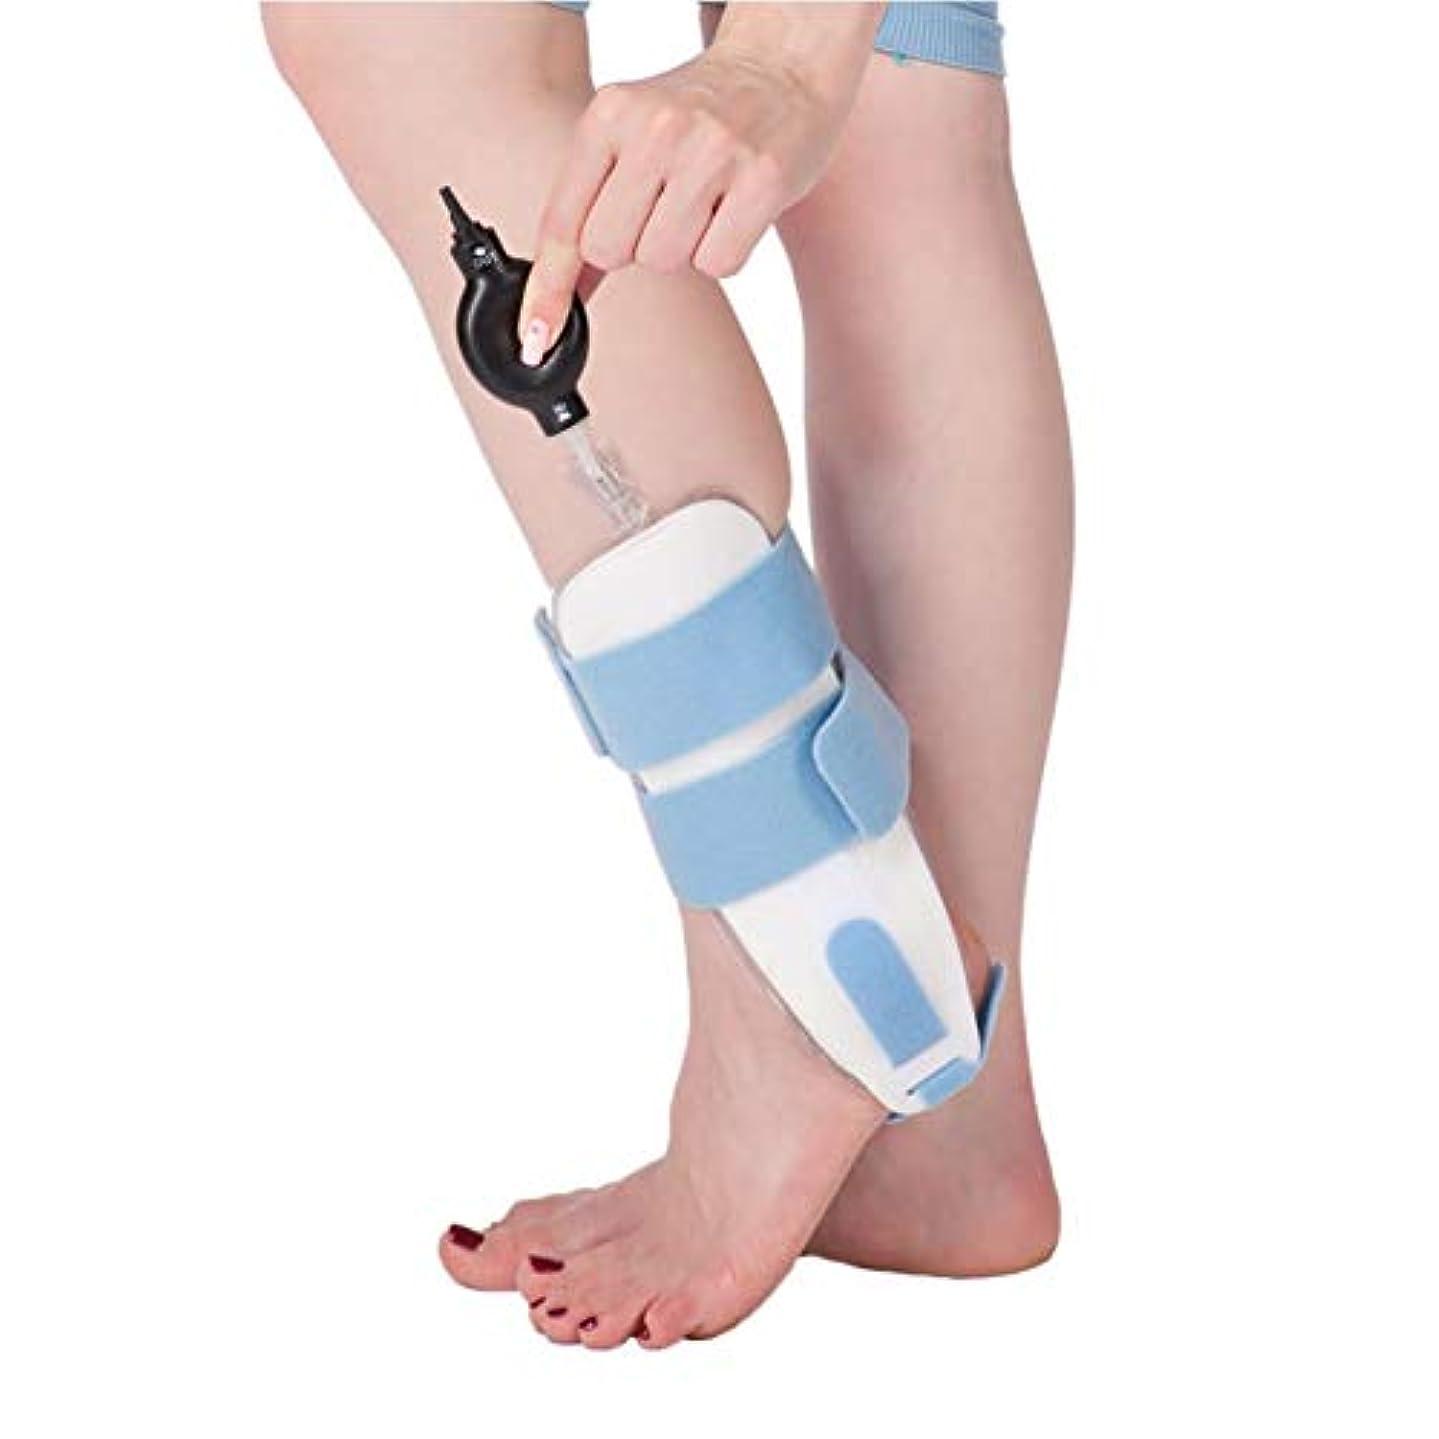 セラー出席する夫婦足首の装具の膨脹可能な足首の保護装置は石膏の足の捻rainの固定副木を取り替えることができます